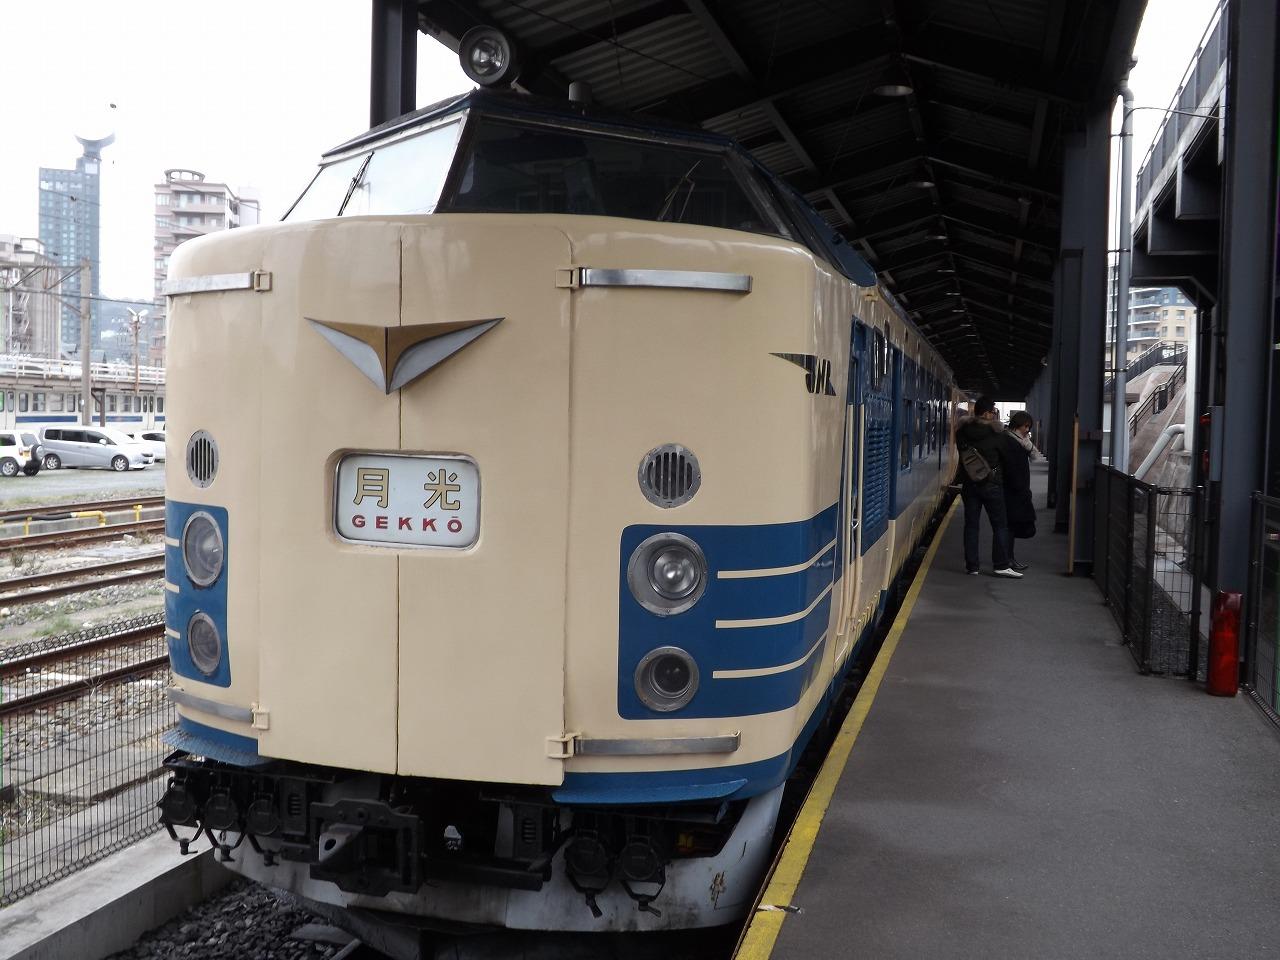 DSCF4687.jpg